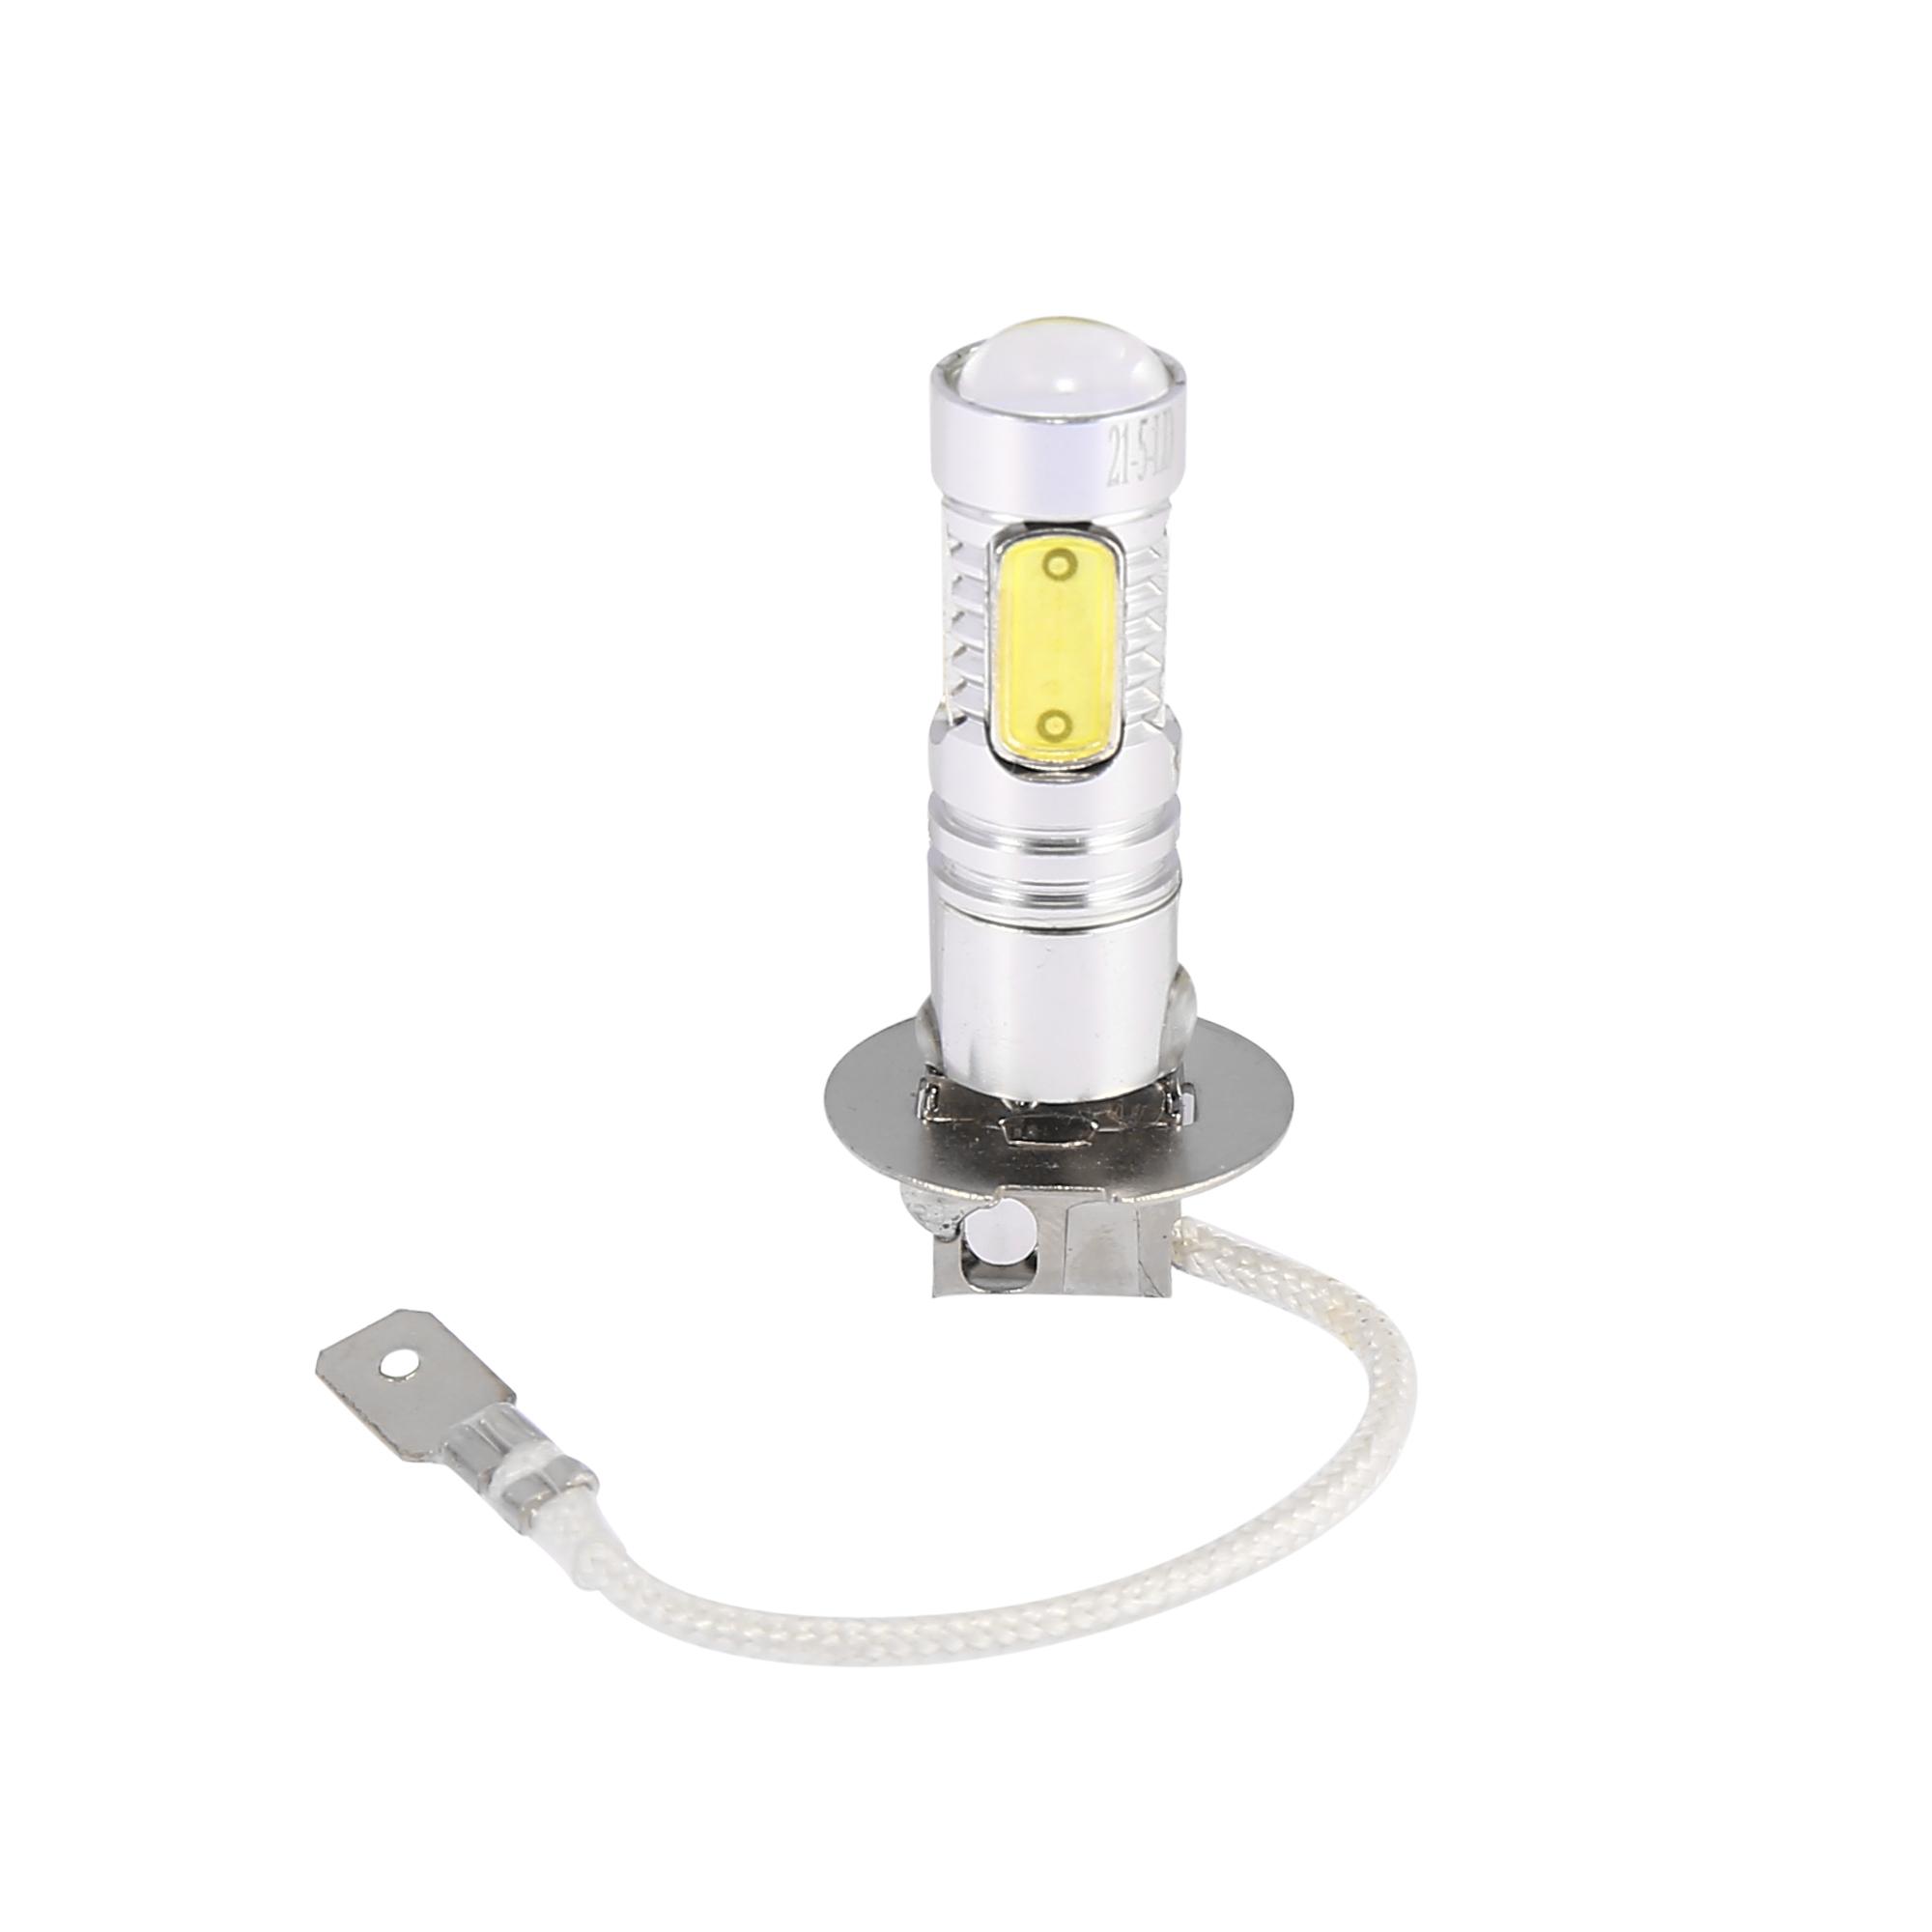 1 Pcs H3 Socket 5 White SMD LED Car Daytime Driving Fog Head Light Lamp Bulb